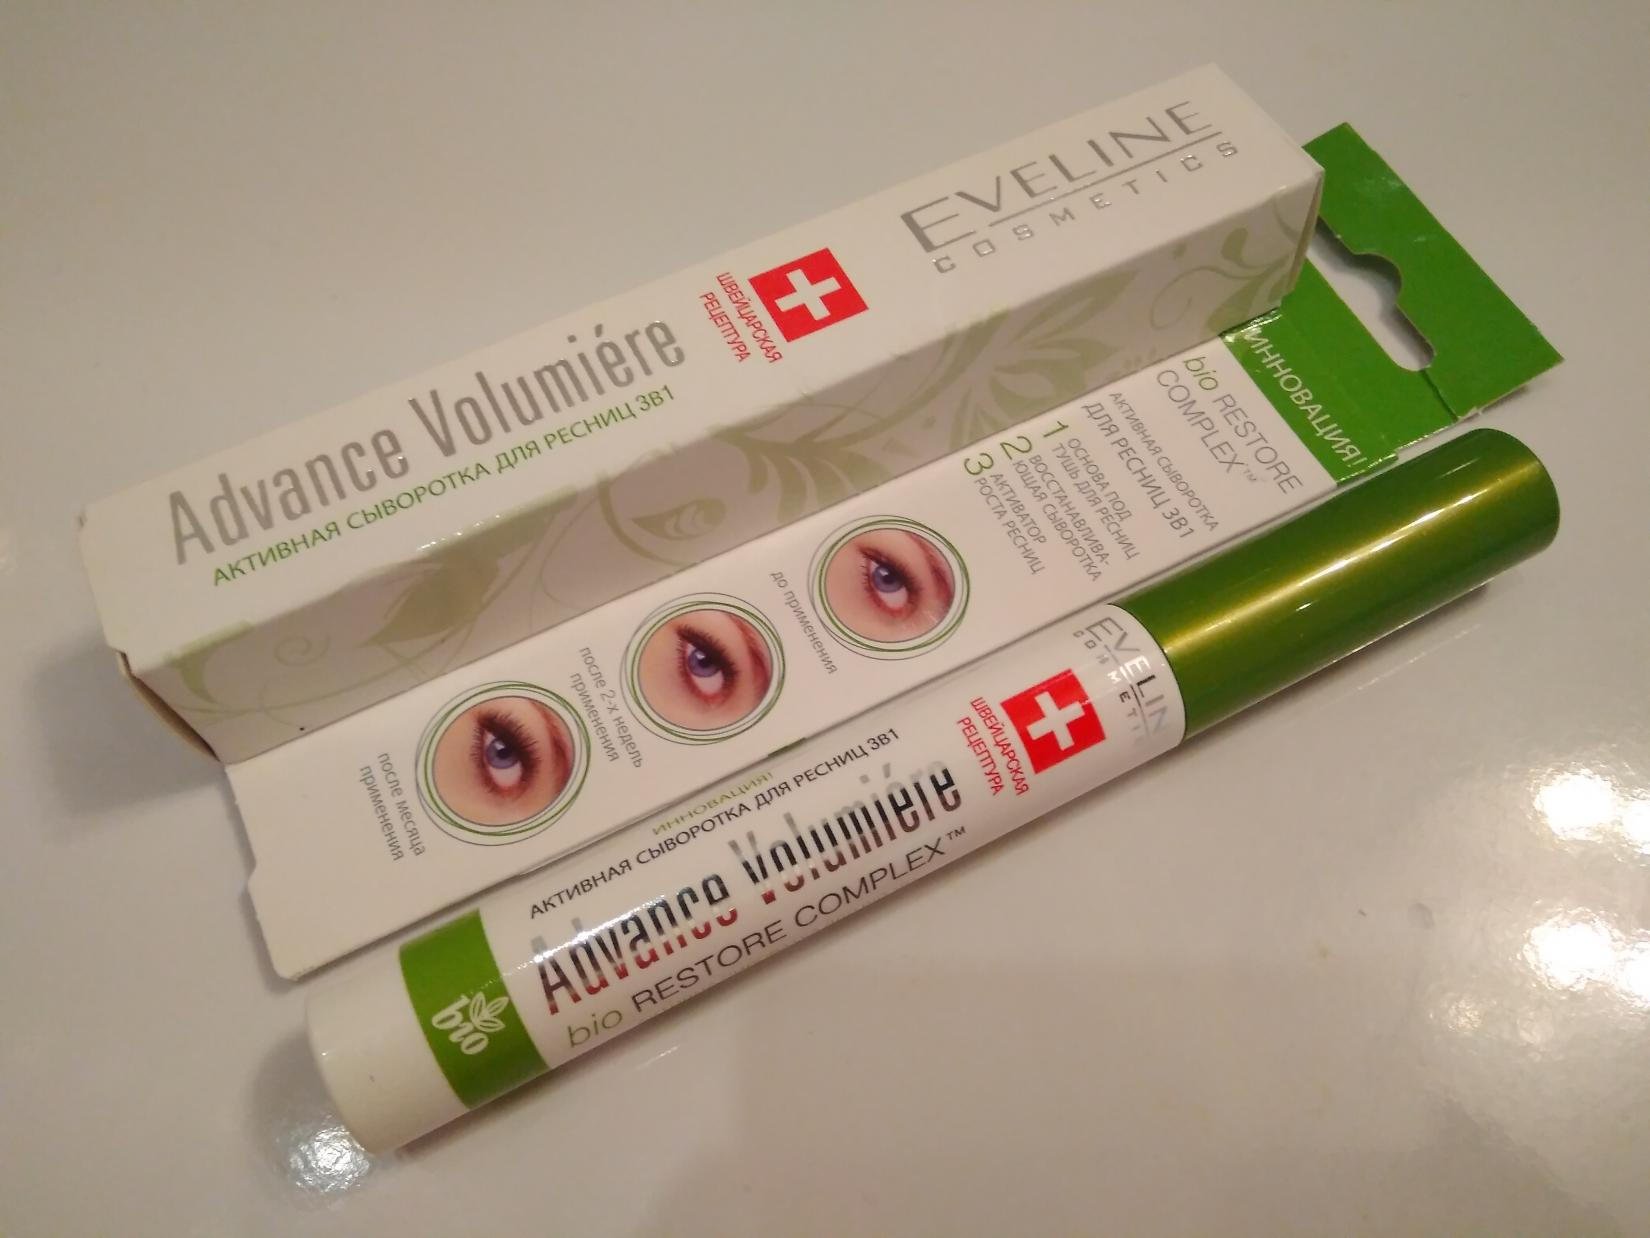 Активная сыворотка для ресниц Eveline Advance Volumiere 3 в 1 - упаковка